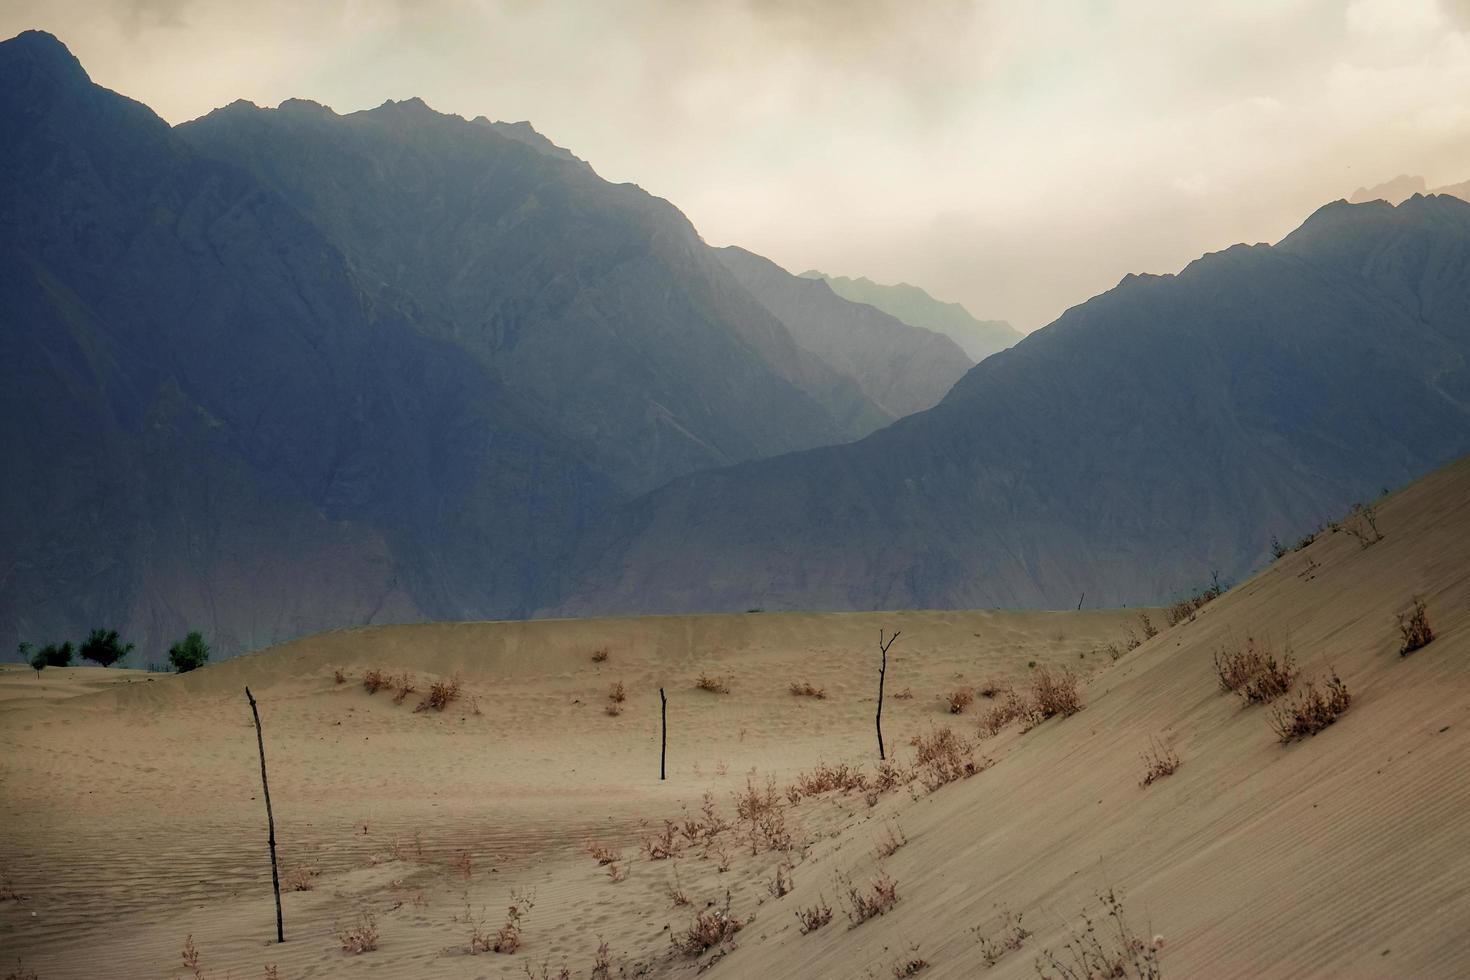 coucher de soleil après une tempête de sable dans le désert photo